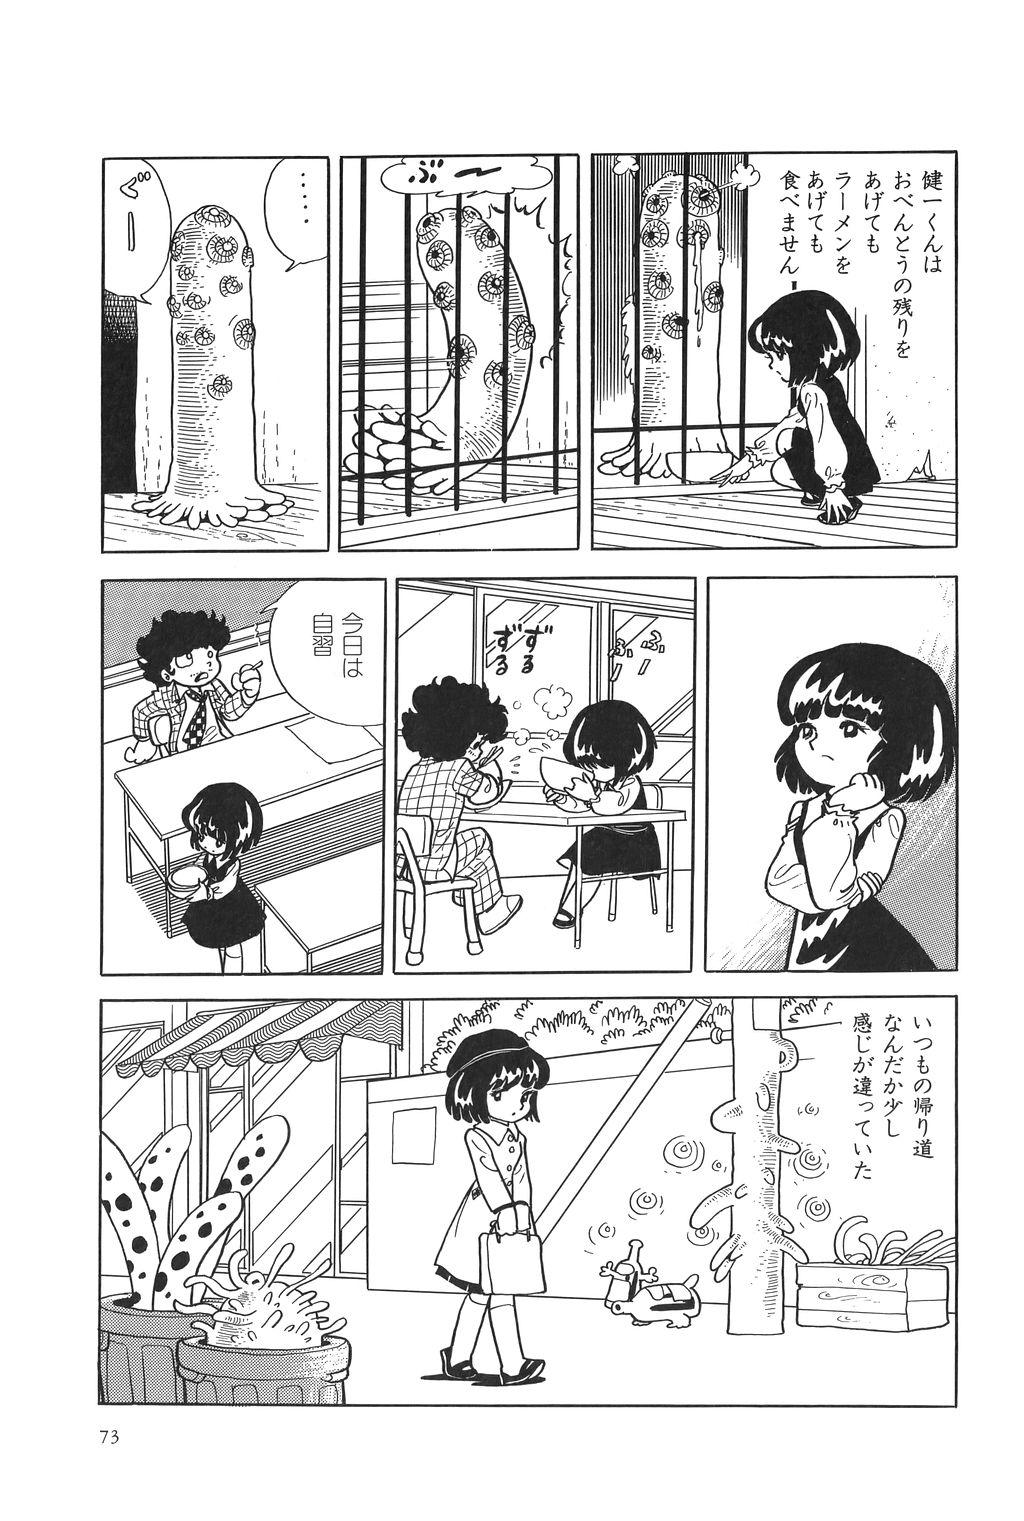 Azuma Hideo Sakuhin Shuusei - Yoru no Tobari no Naka de 77